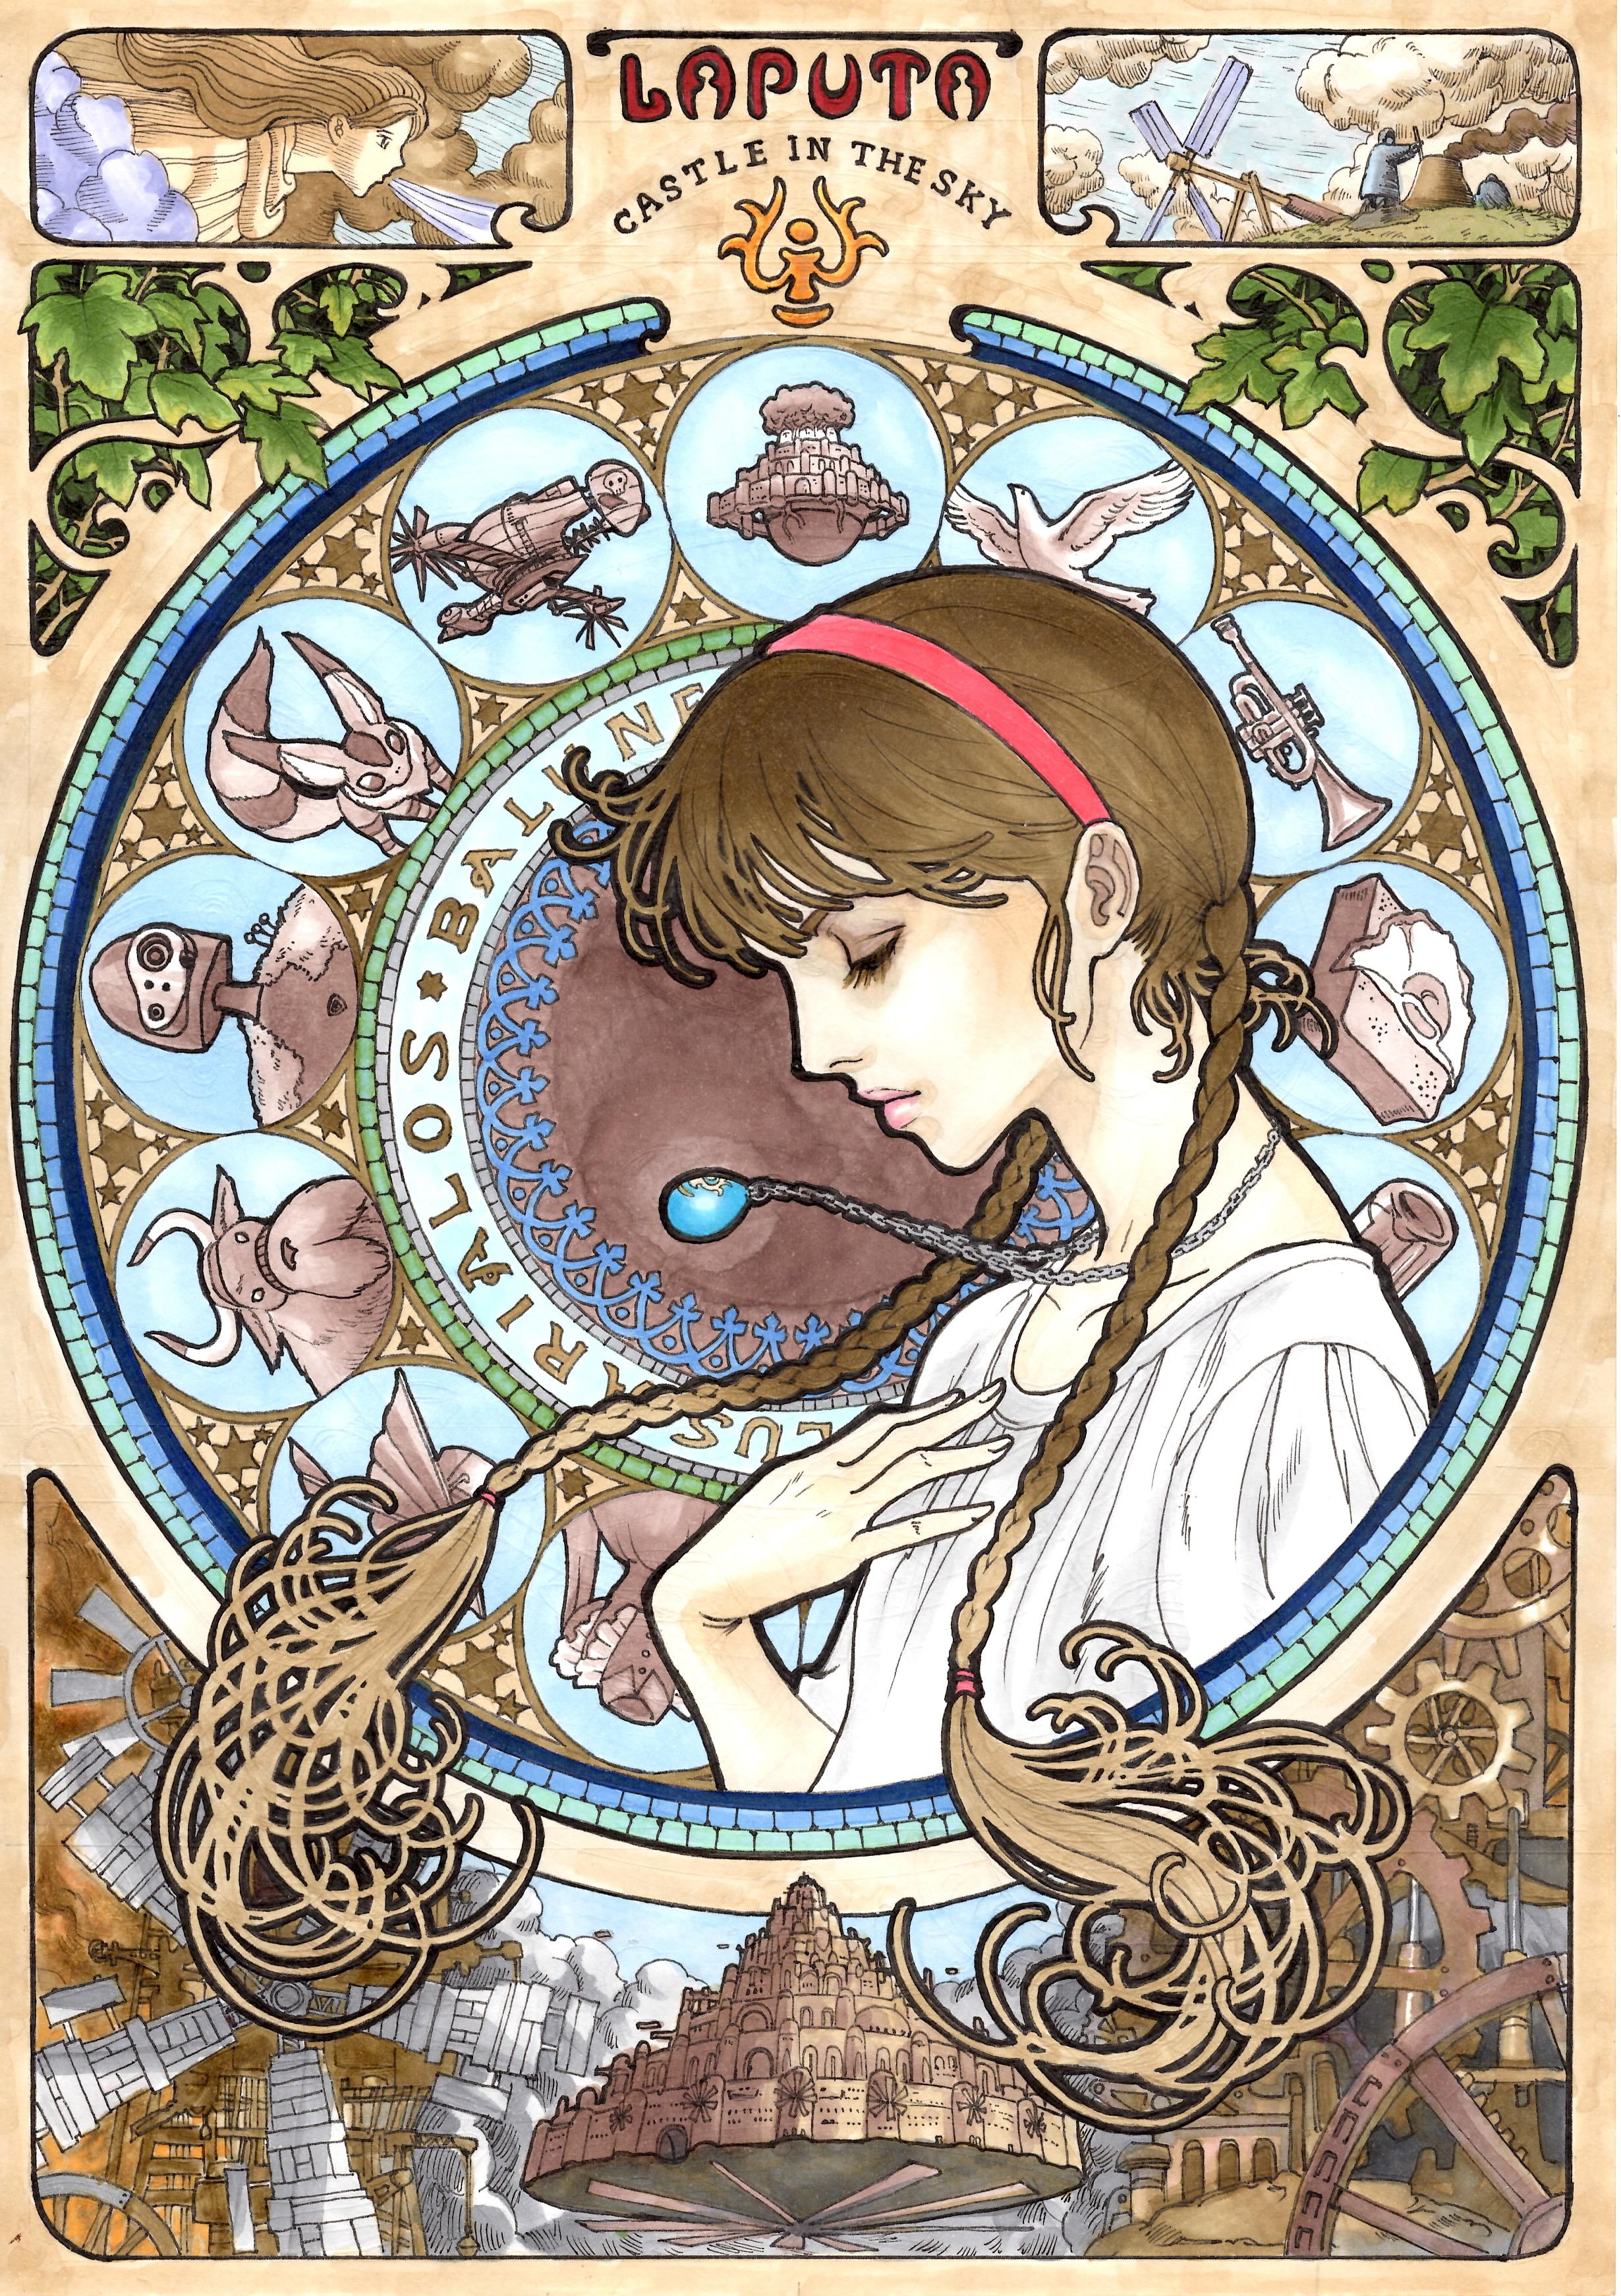 Art-Nouveau-Ghibli-Chateau-Ciel